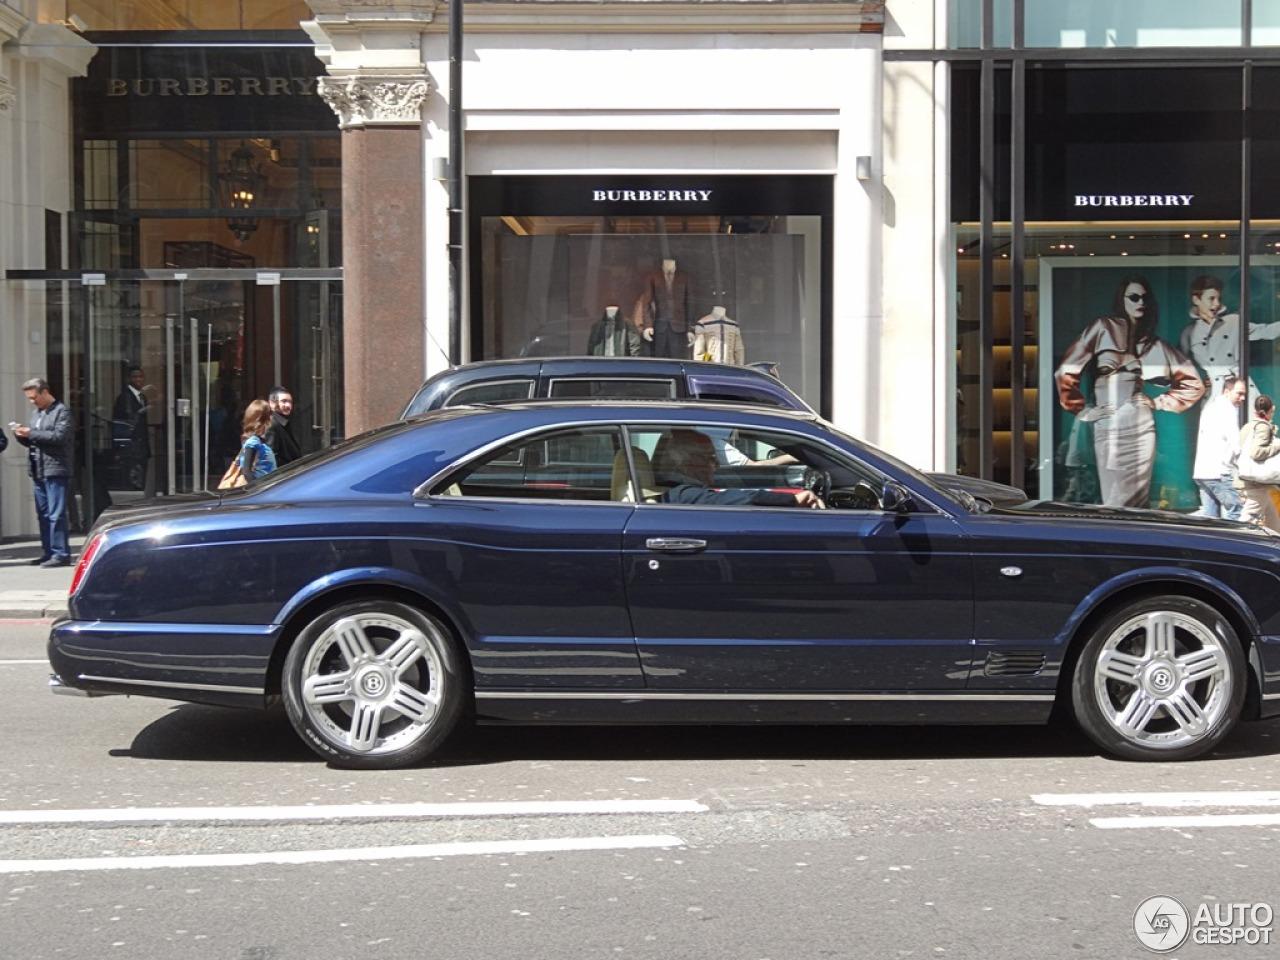 Bentley brooklands 2008 14 june 2013 autogespot 4 i bentley brooklands 2008 4 vanachro Choice Image